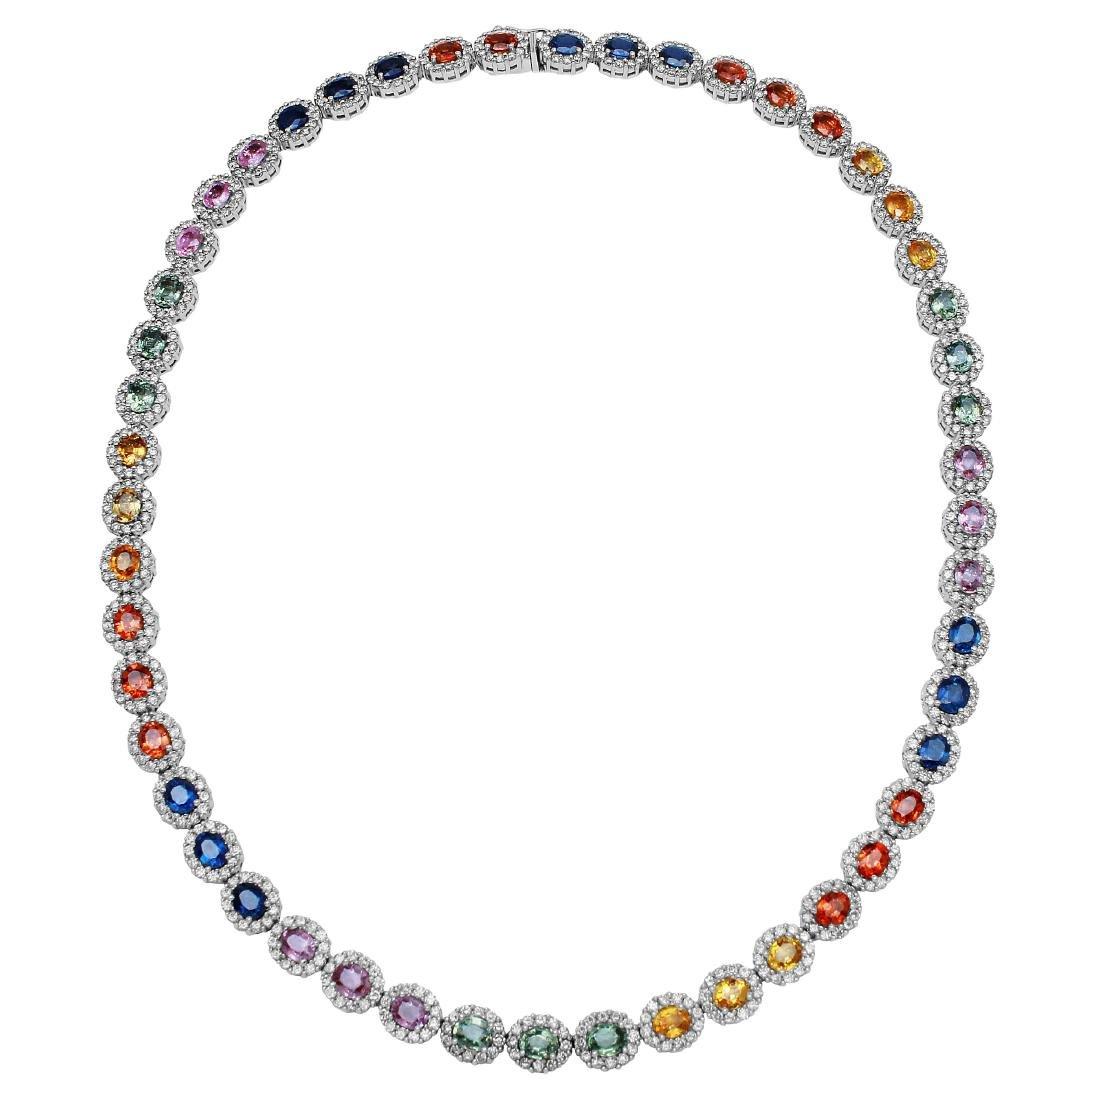 14KT White Gold Gemstone Necklace - 3